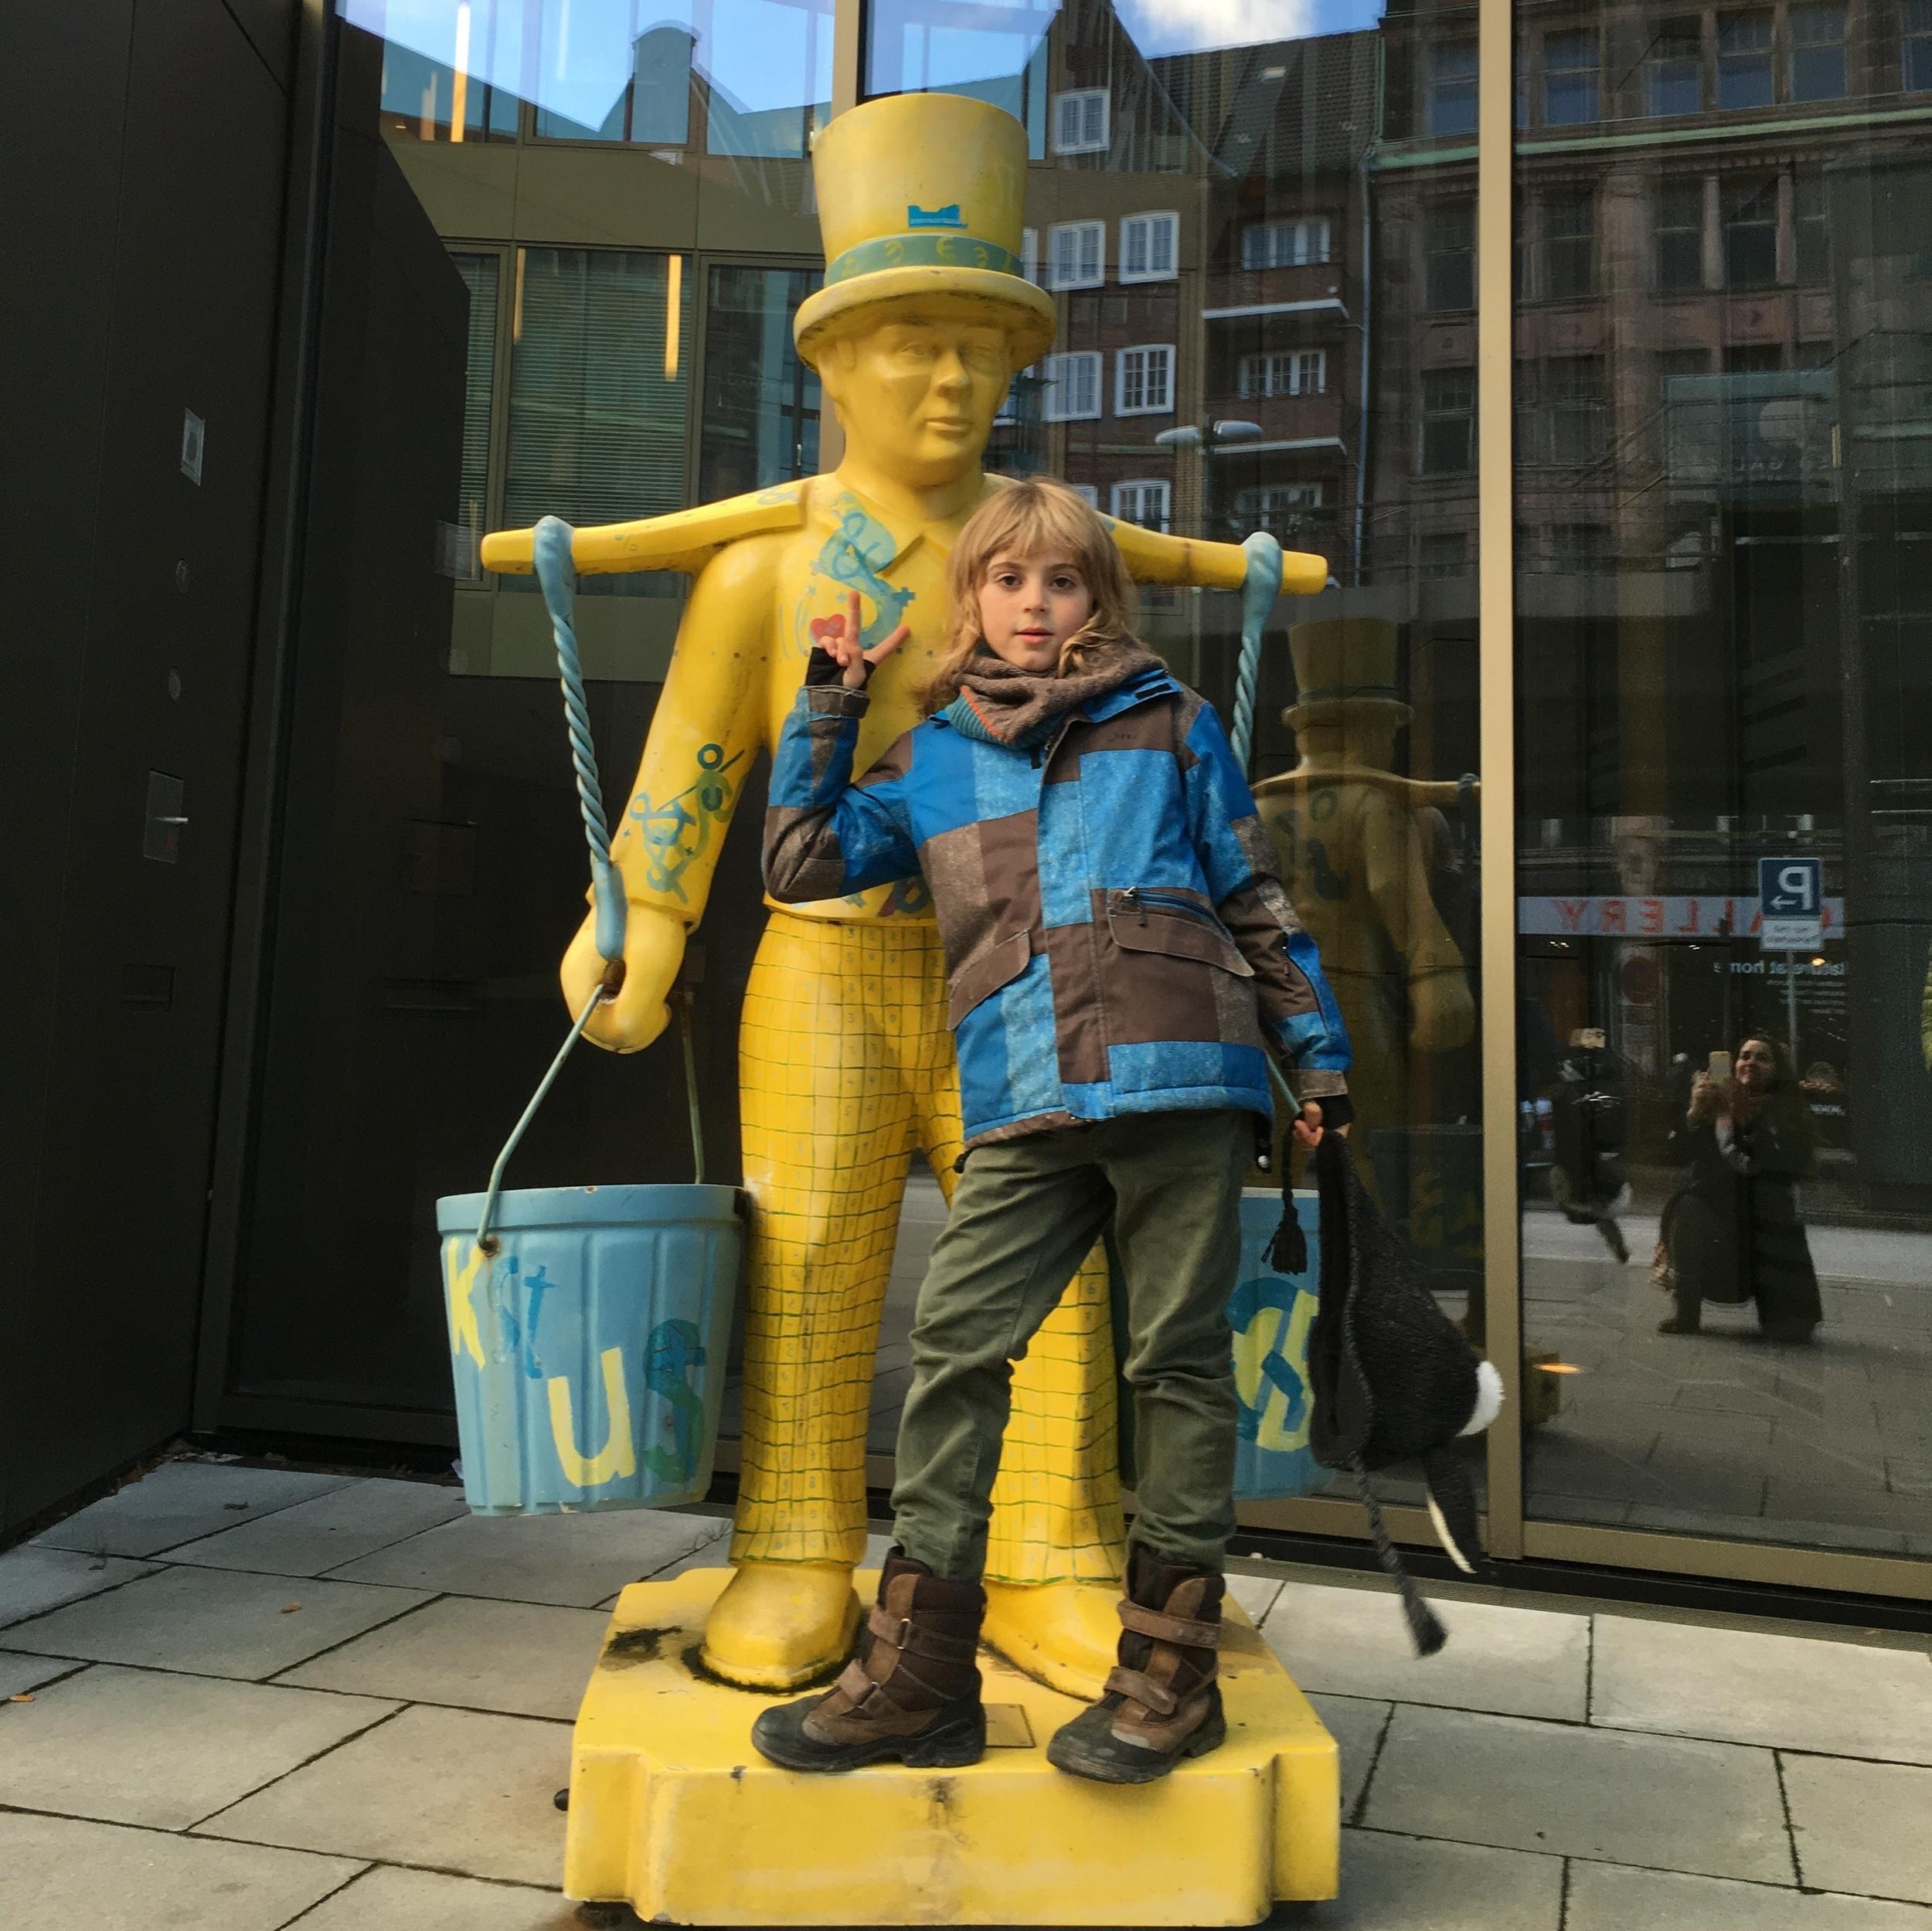 Estatua de uno de los cien Hans Hummel que formaron parte de una exhibición en el 2003. A mediados del siglo diecinueve, cuando no todas las casas tenían agua, Hans Hummel fue el último entregador de agua en la ciudad. Foto: Bruny Nieves